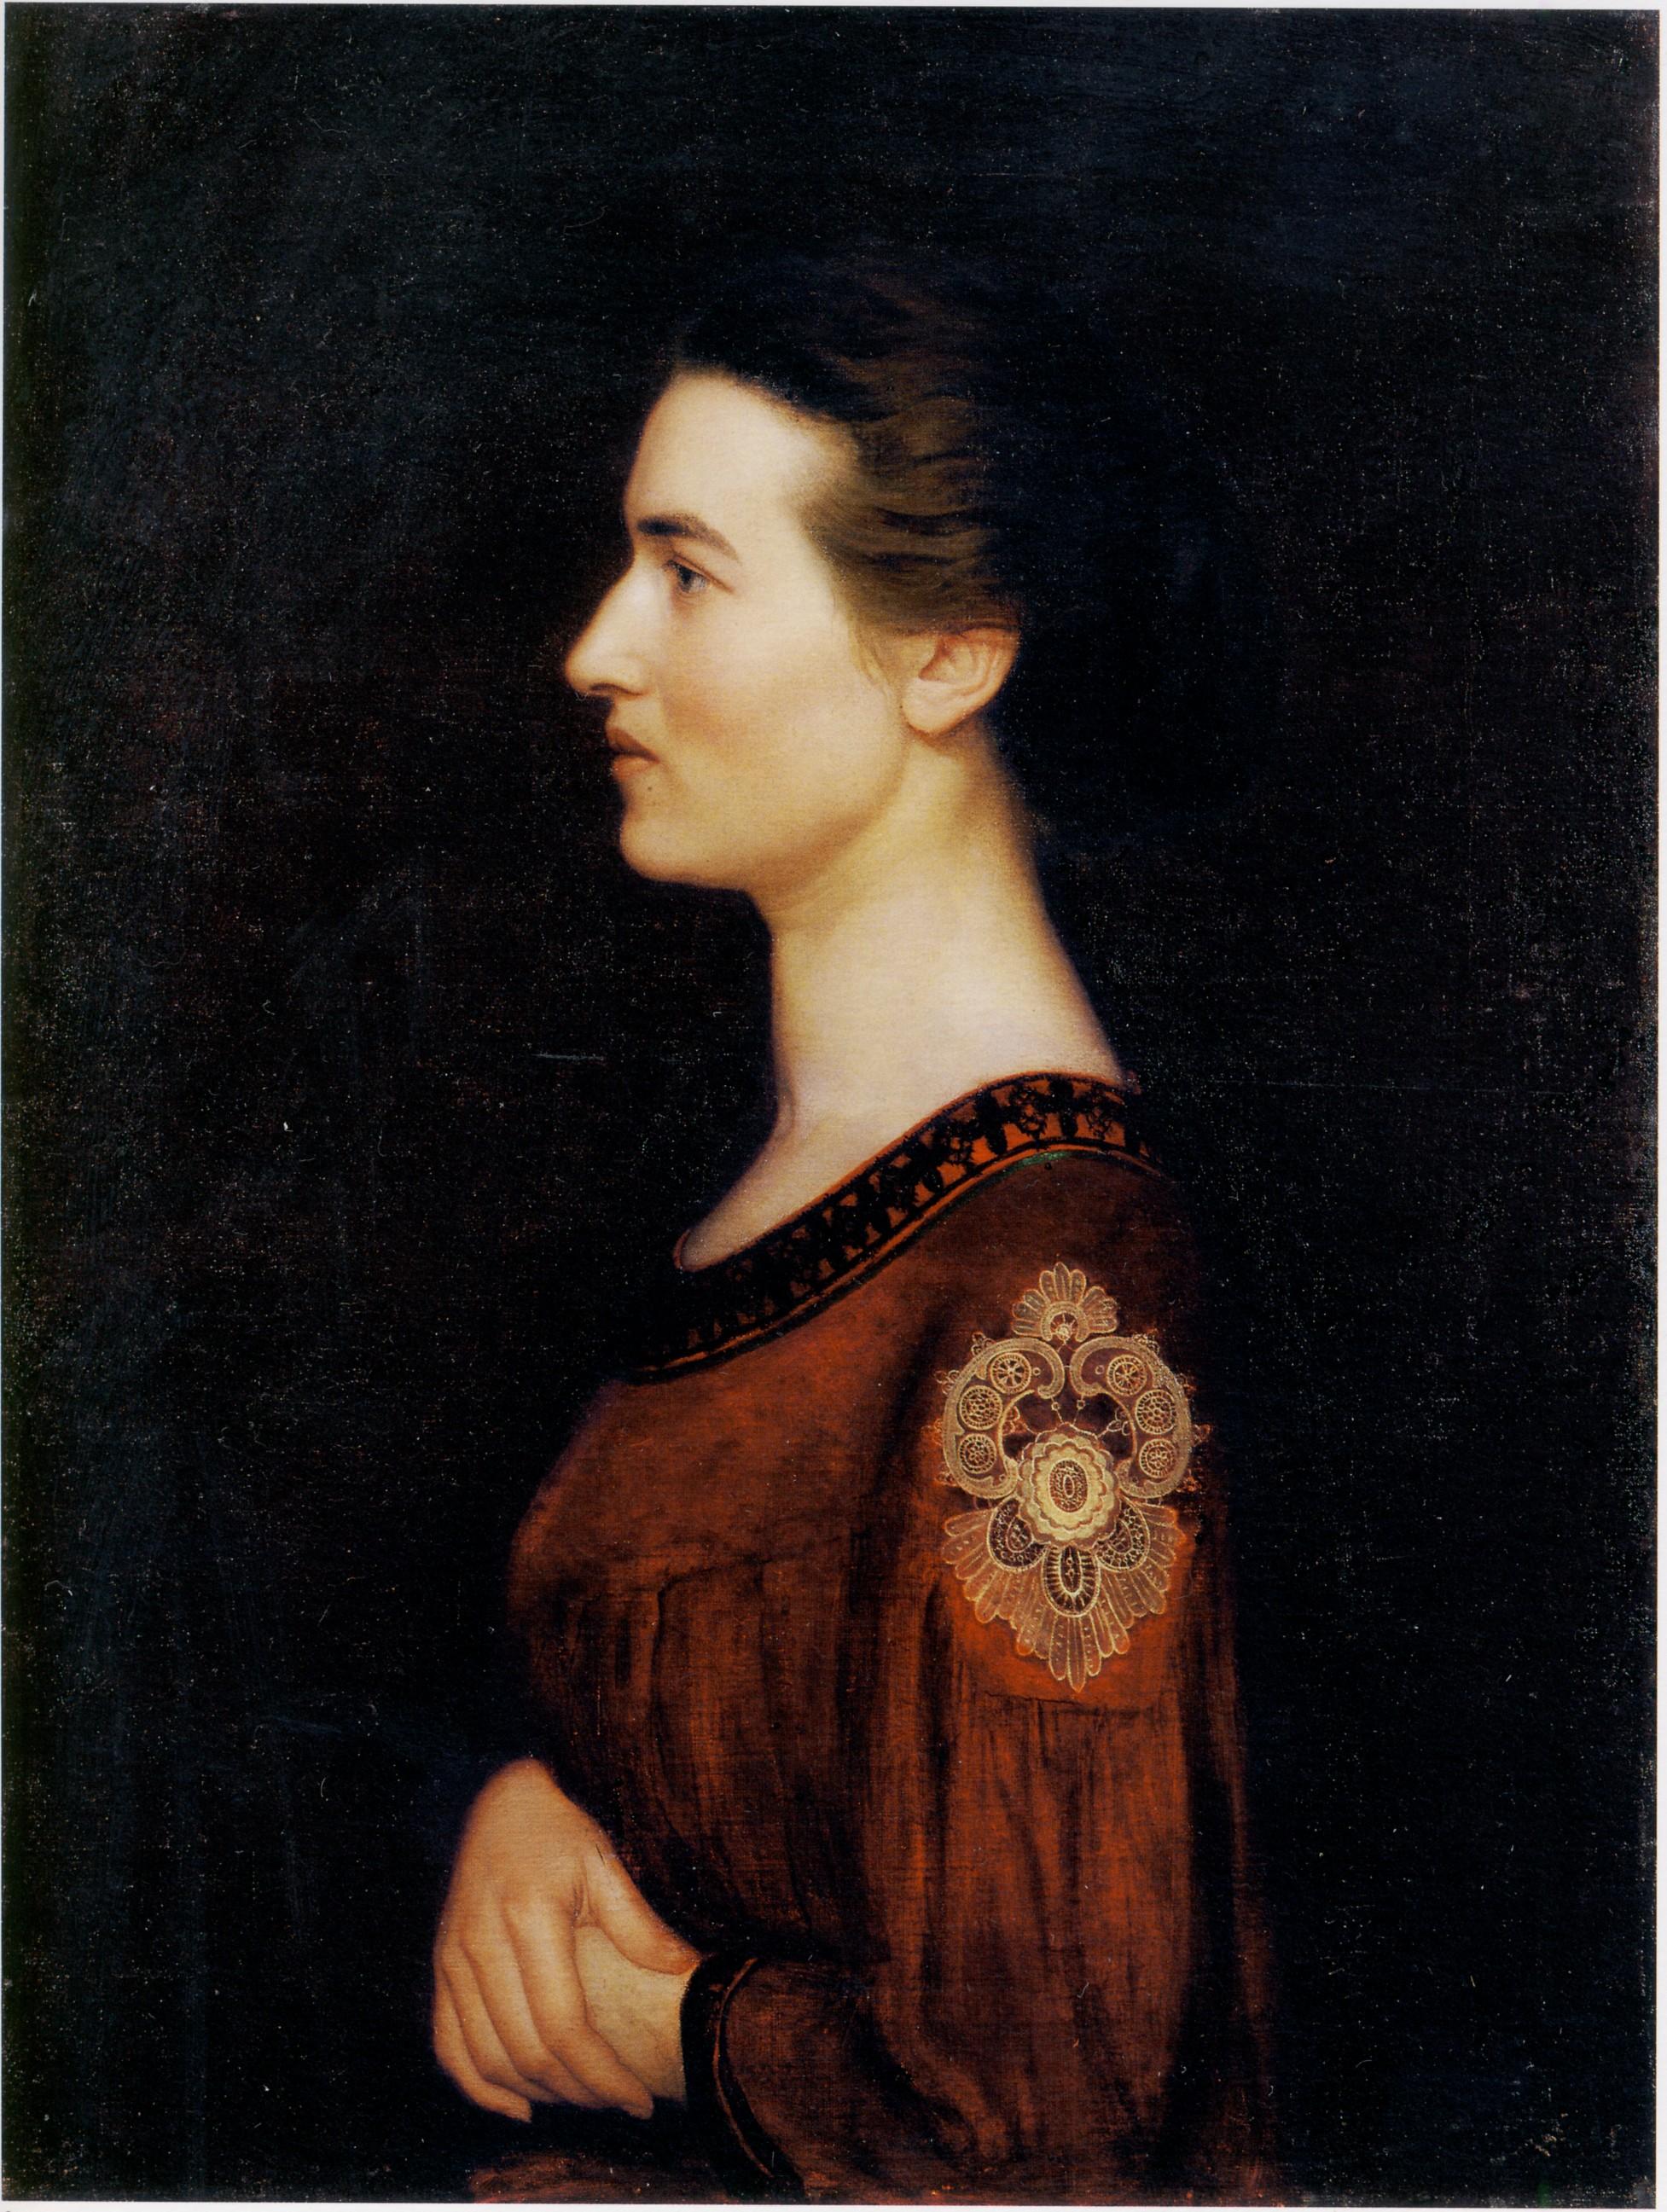 Domenico Maria Durante, Profilo, 1908. Torino, GAM. Olio su tela, cm 79 x 59